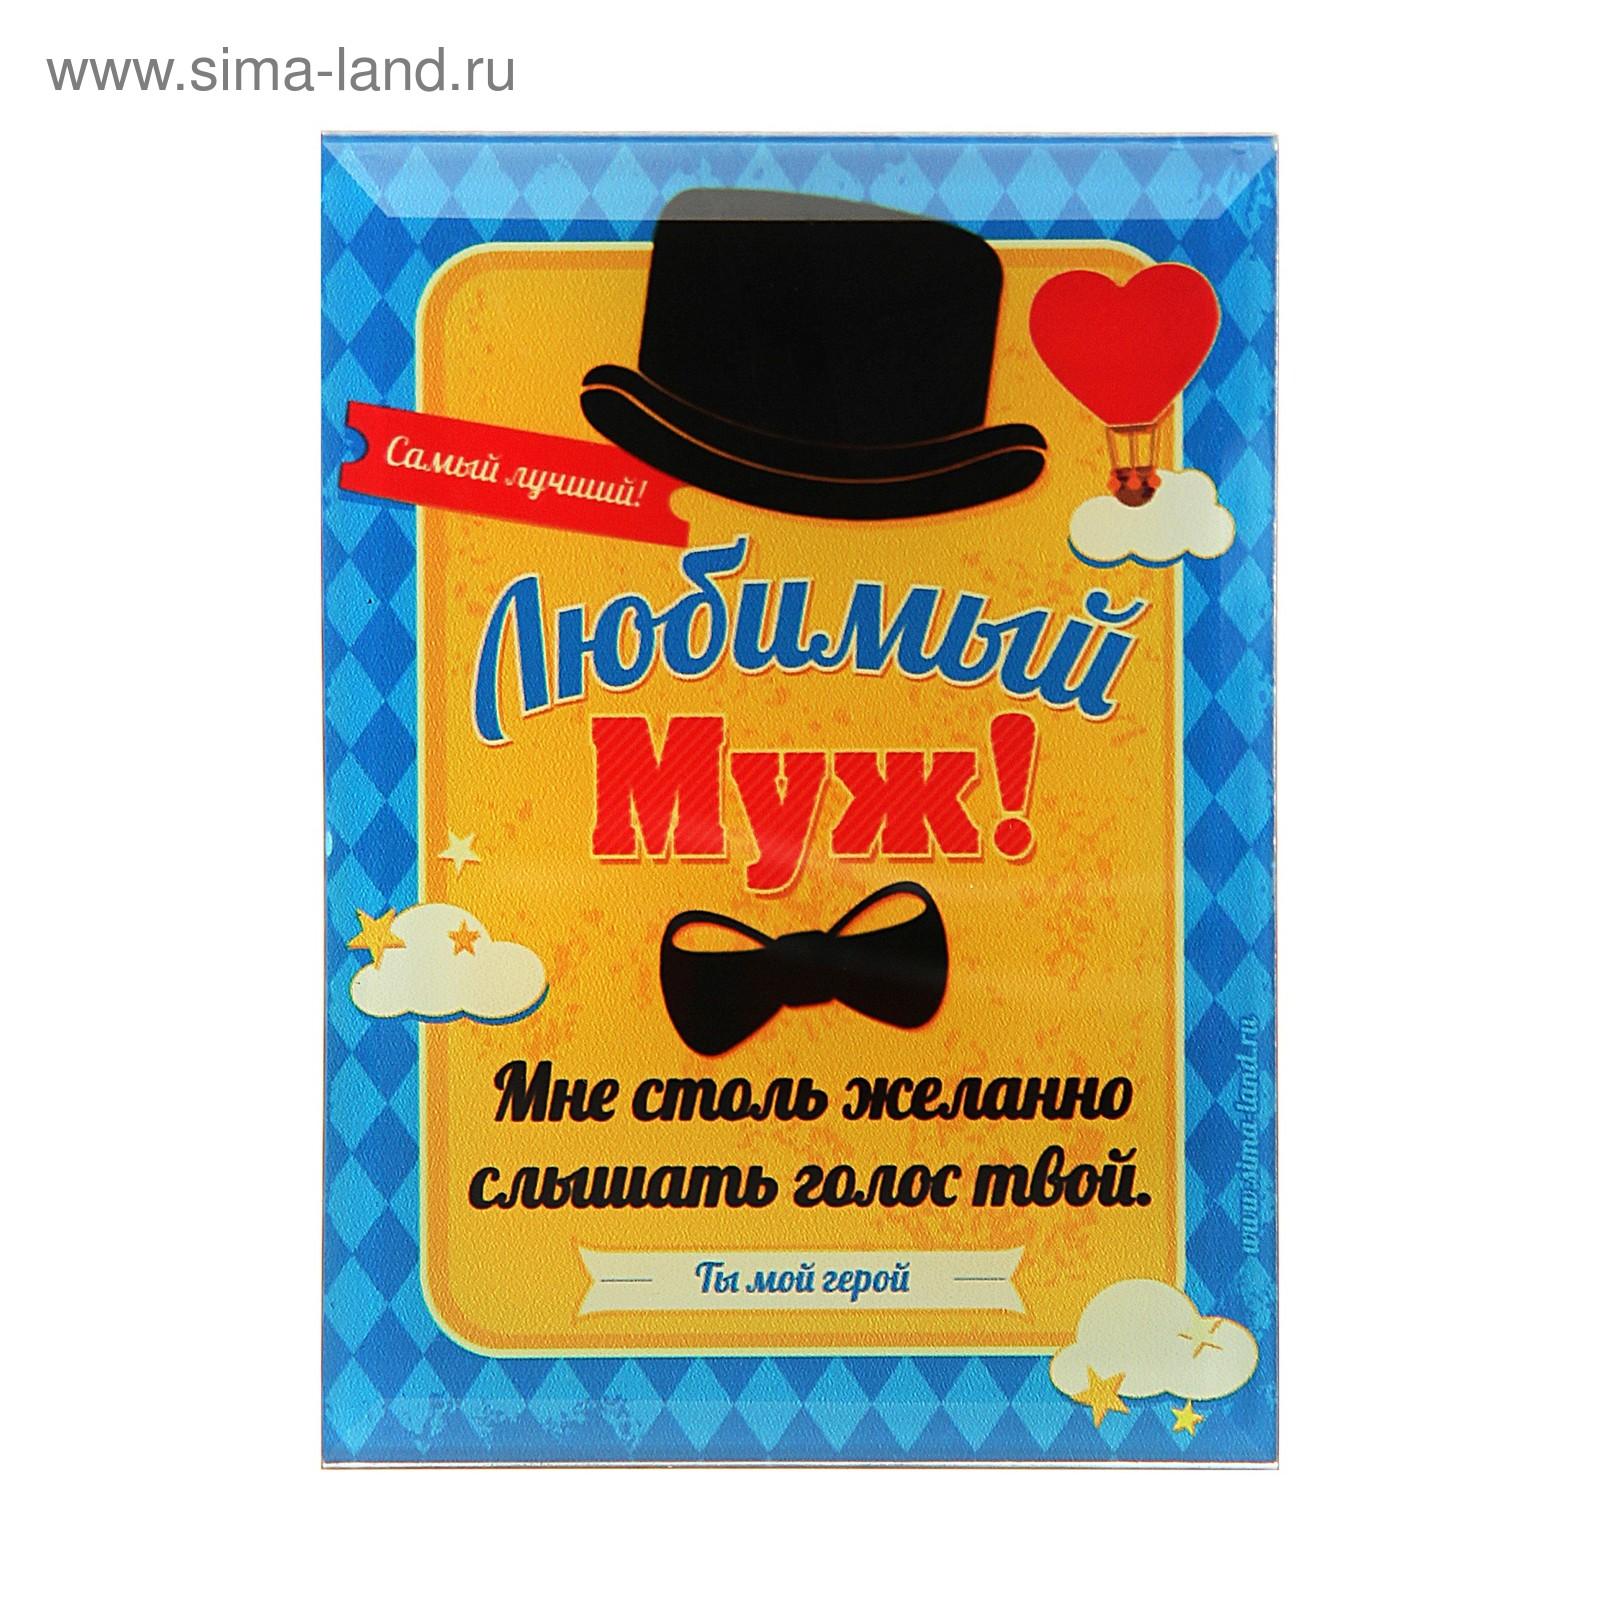 Лучшие открытки для любимого мужа